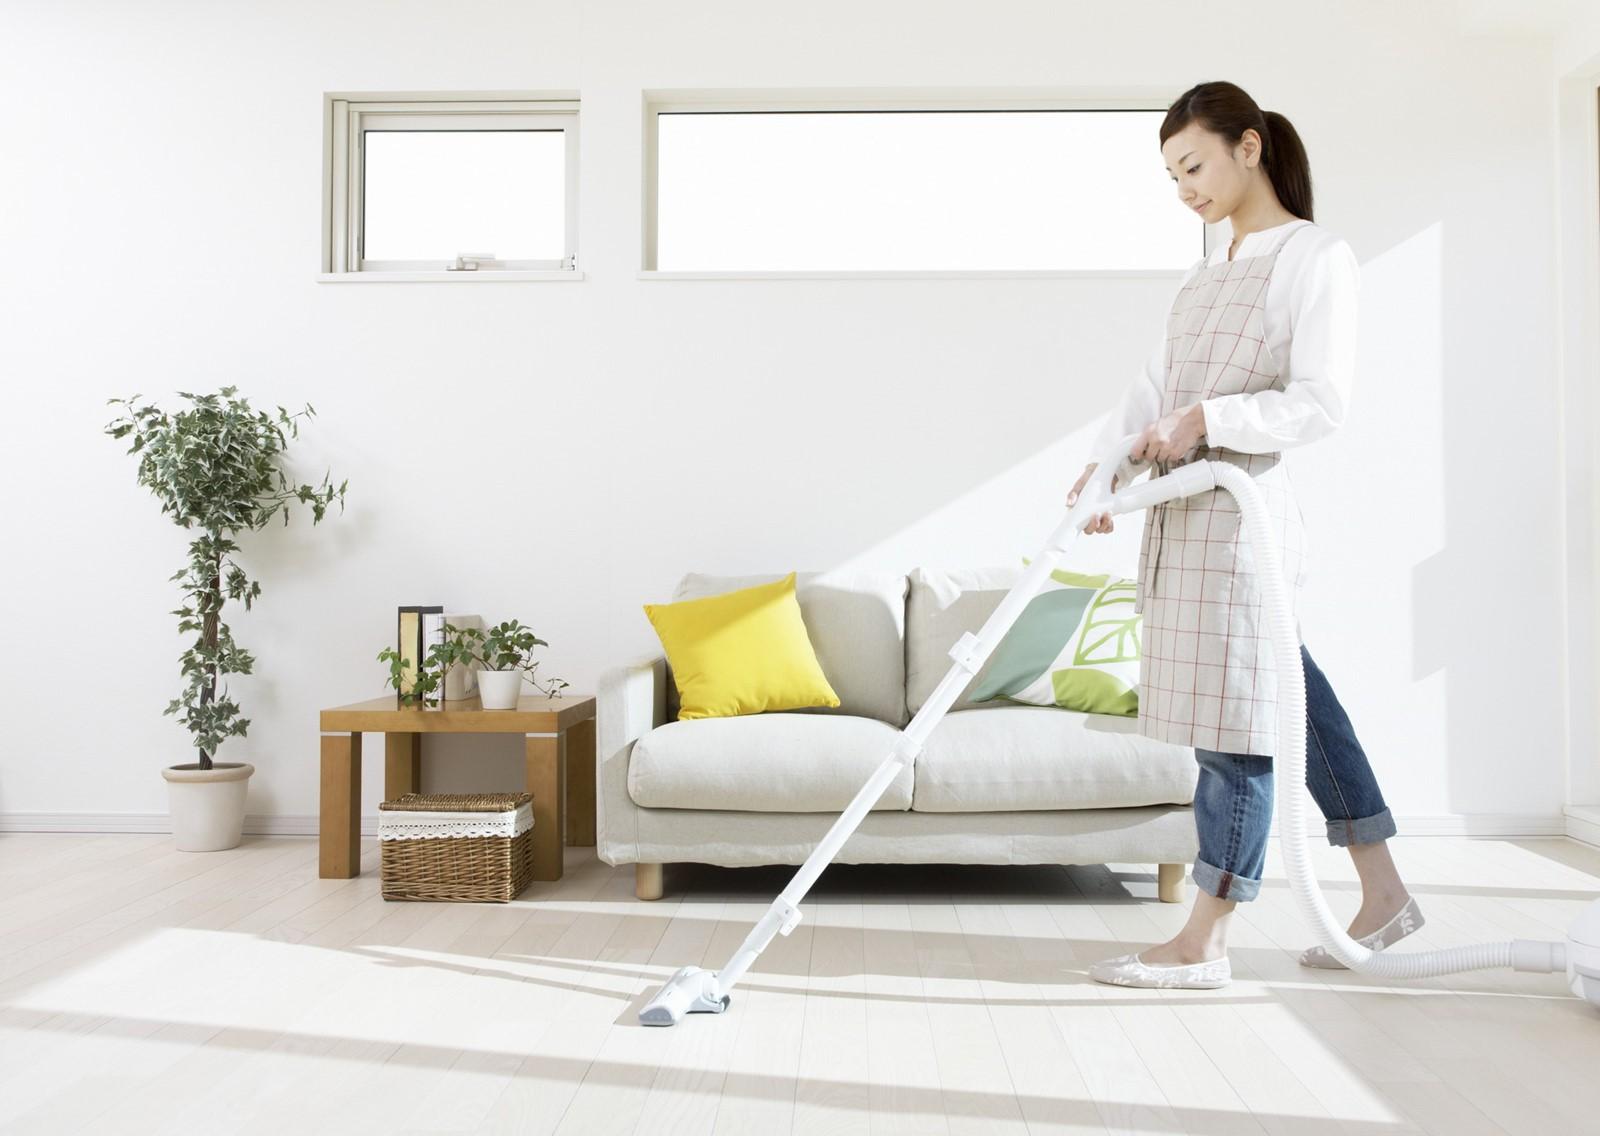 Trời hanh khô dễ mắc bệnh về hô hấp, hãy làm ngay những điều này để phòng bệnh - Ảnh 4.